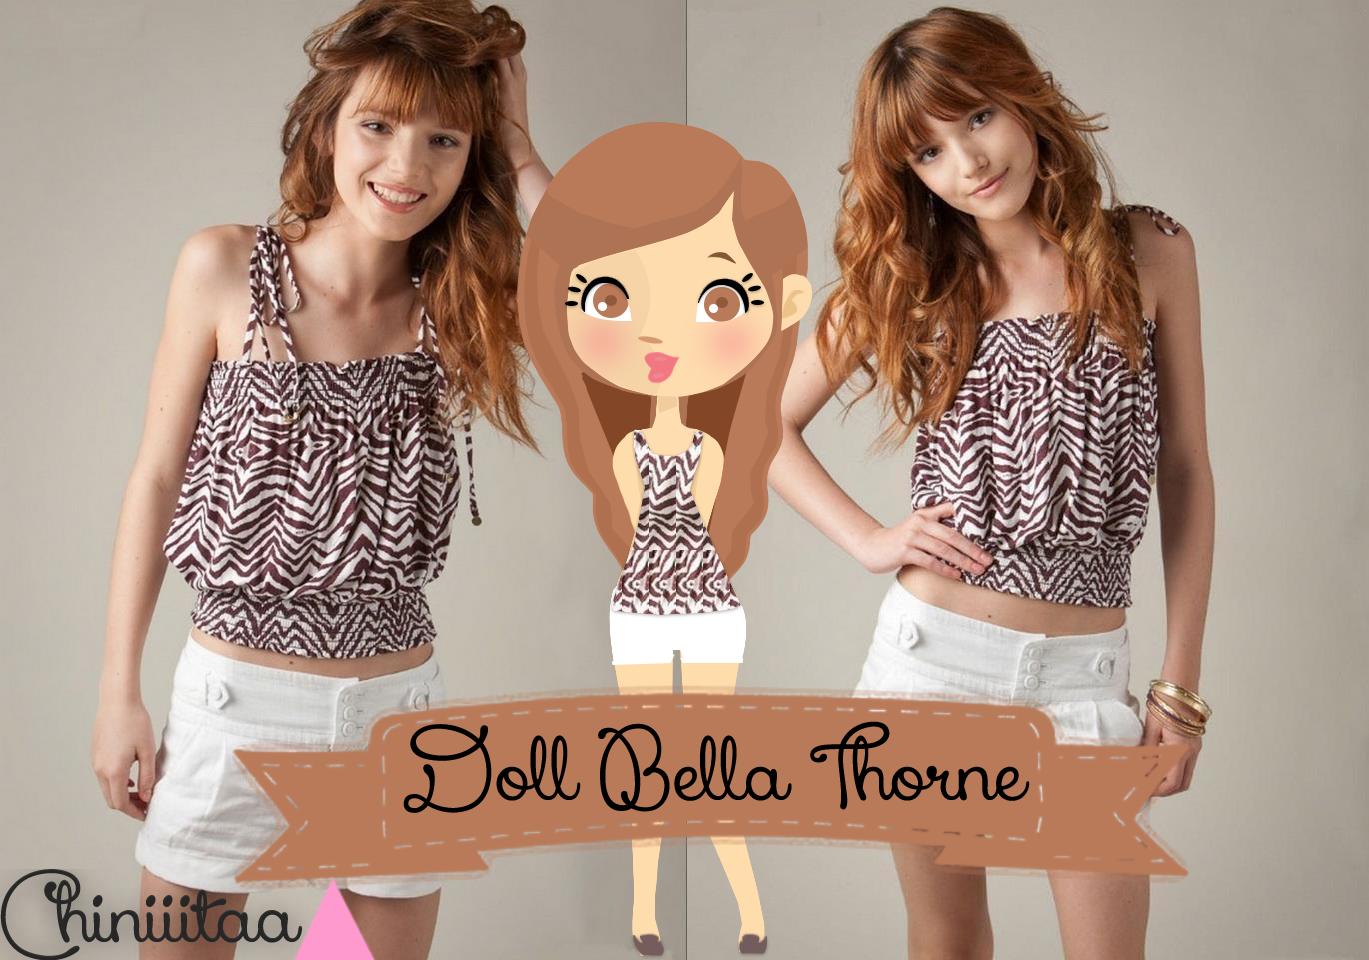 Bella Thorne Twitter Pack Tumblr